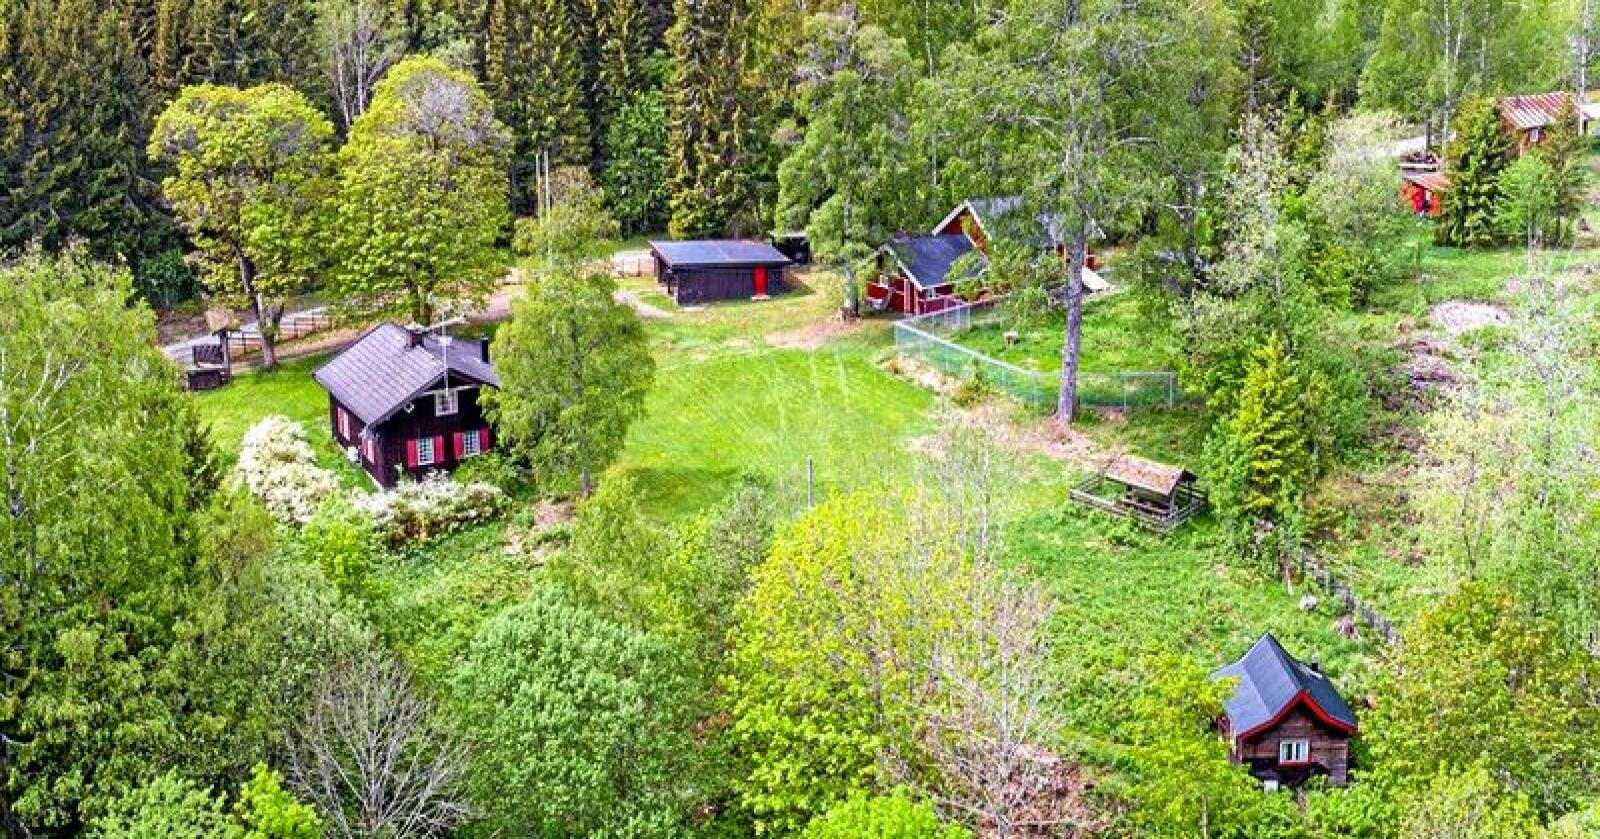 Småbruket Stua i Nittedal. Den spesielle eigedomen ligg til sals på Finn.no, og rommar mellom anna eit privat gravkammer. Foto: Skjermdump frå Finn.no